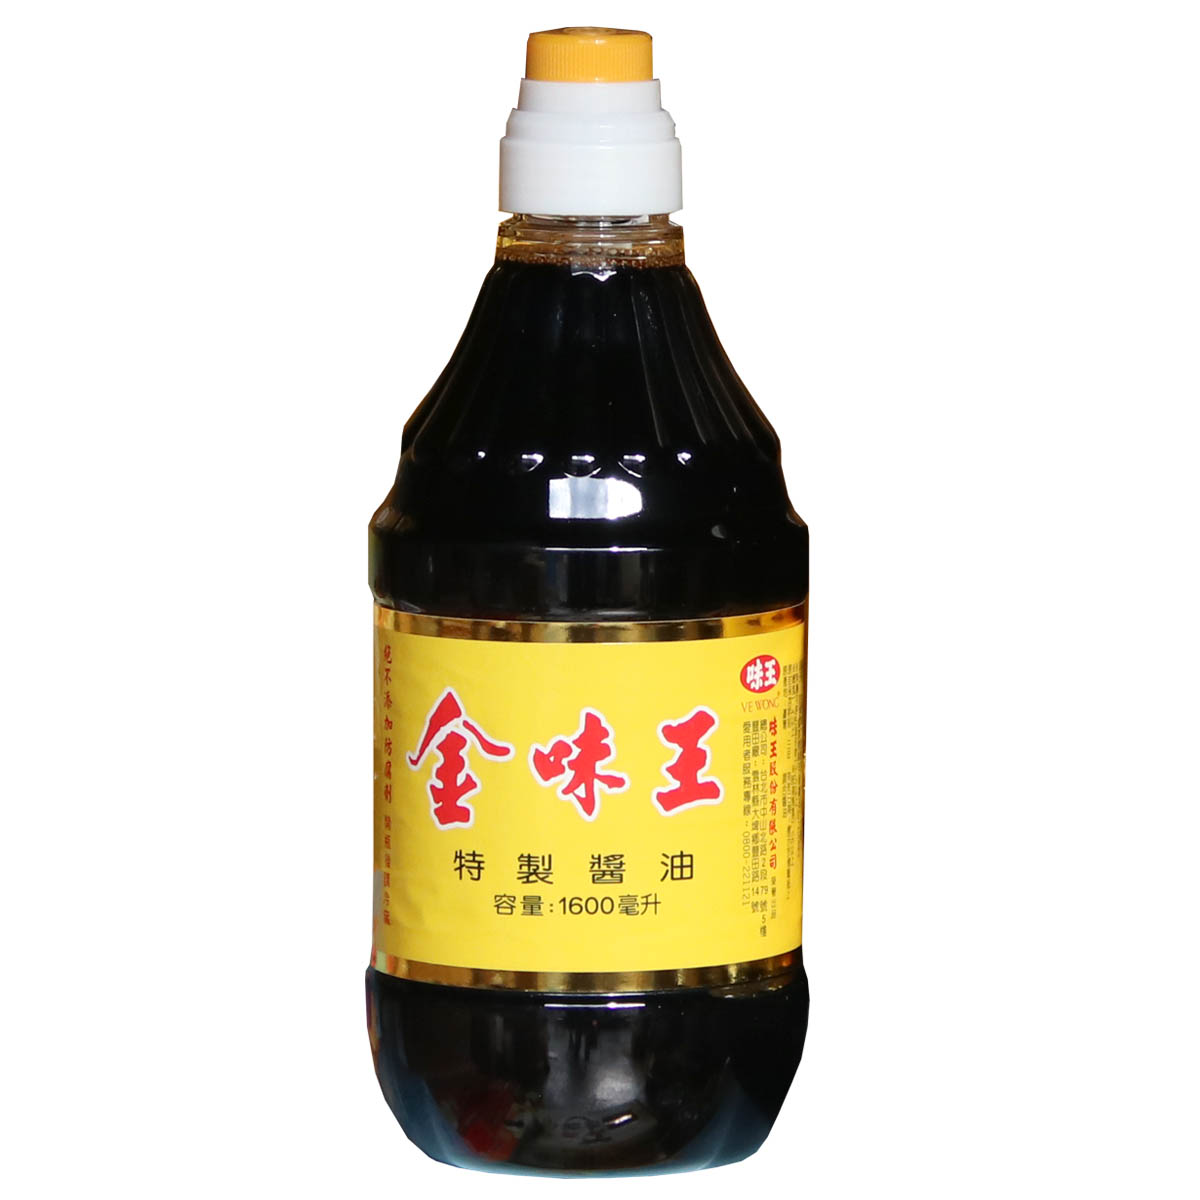 喪禮用罐頭塔-63-6 金味王油醬罐頭禮籃